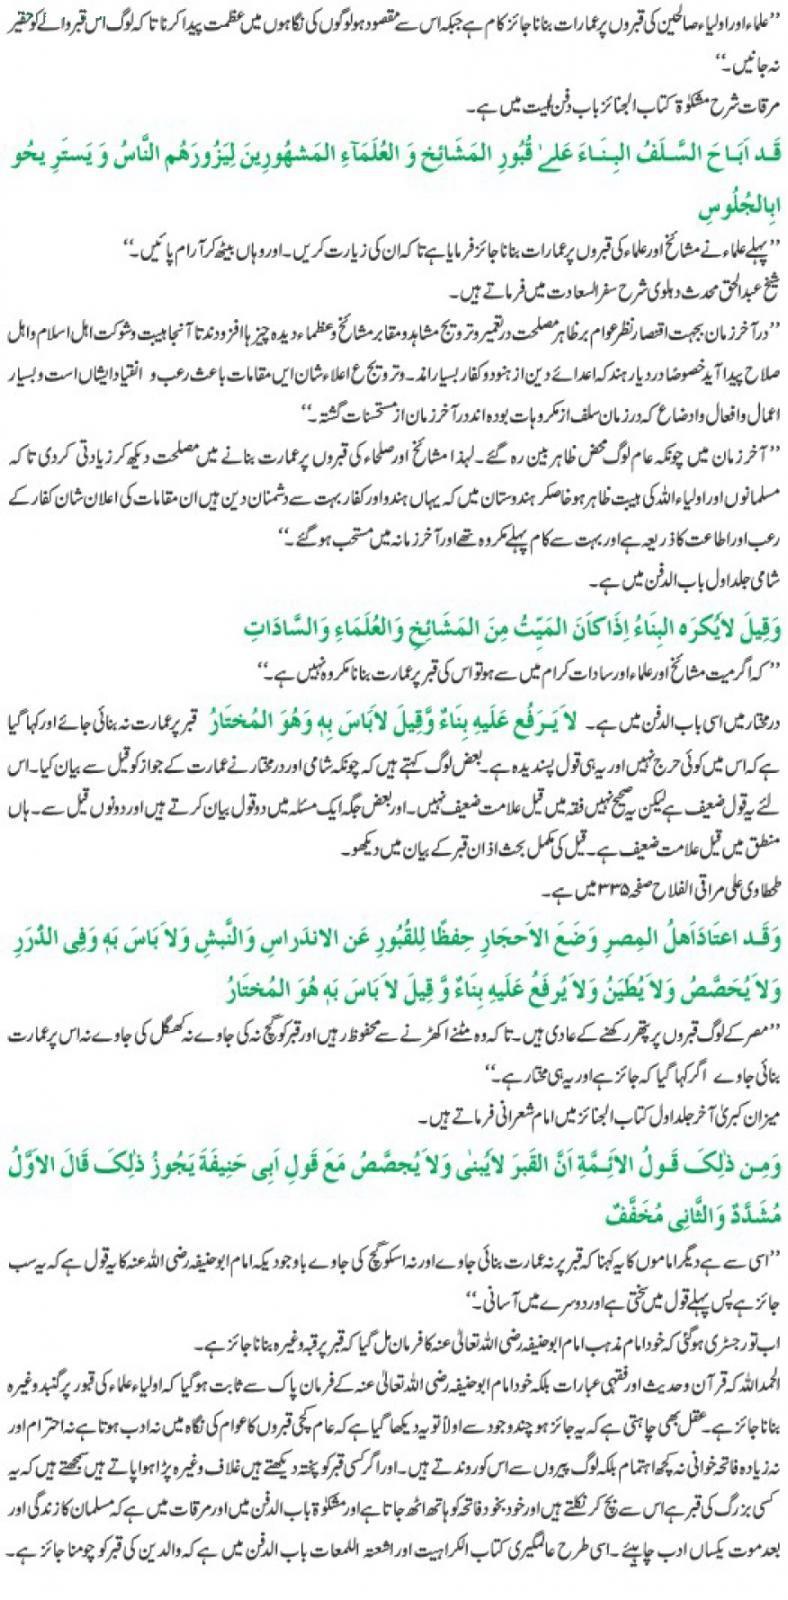 بحث مزارات اولیاء اللہ پر گنبد بنانا 150.jpg